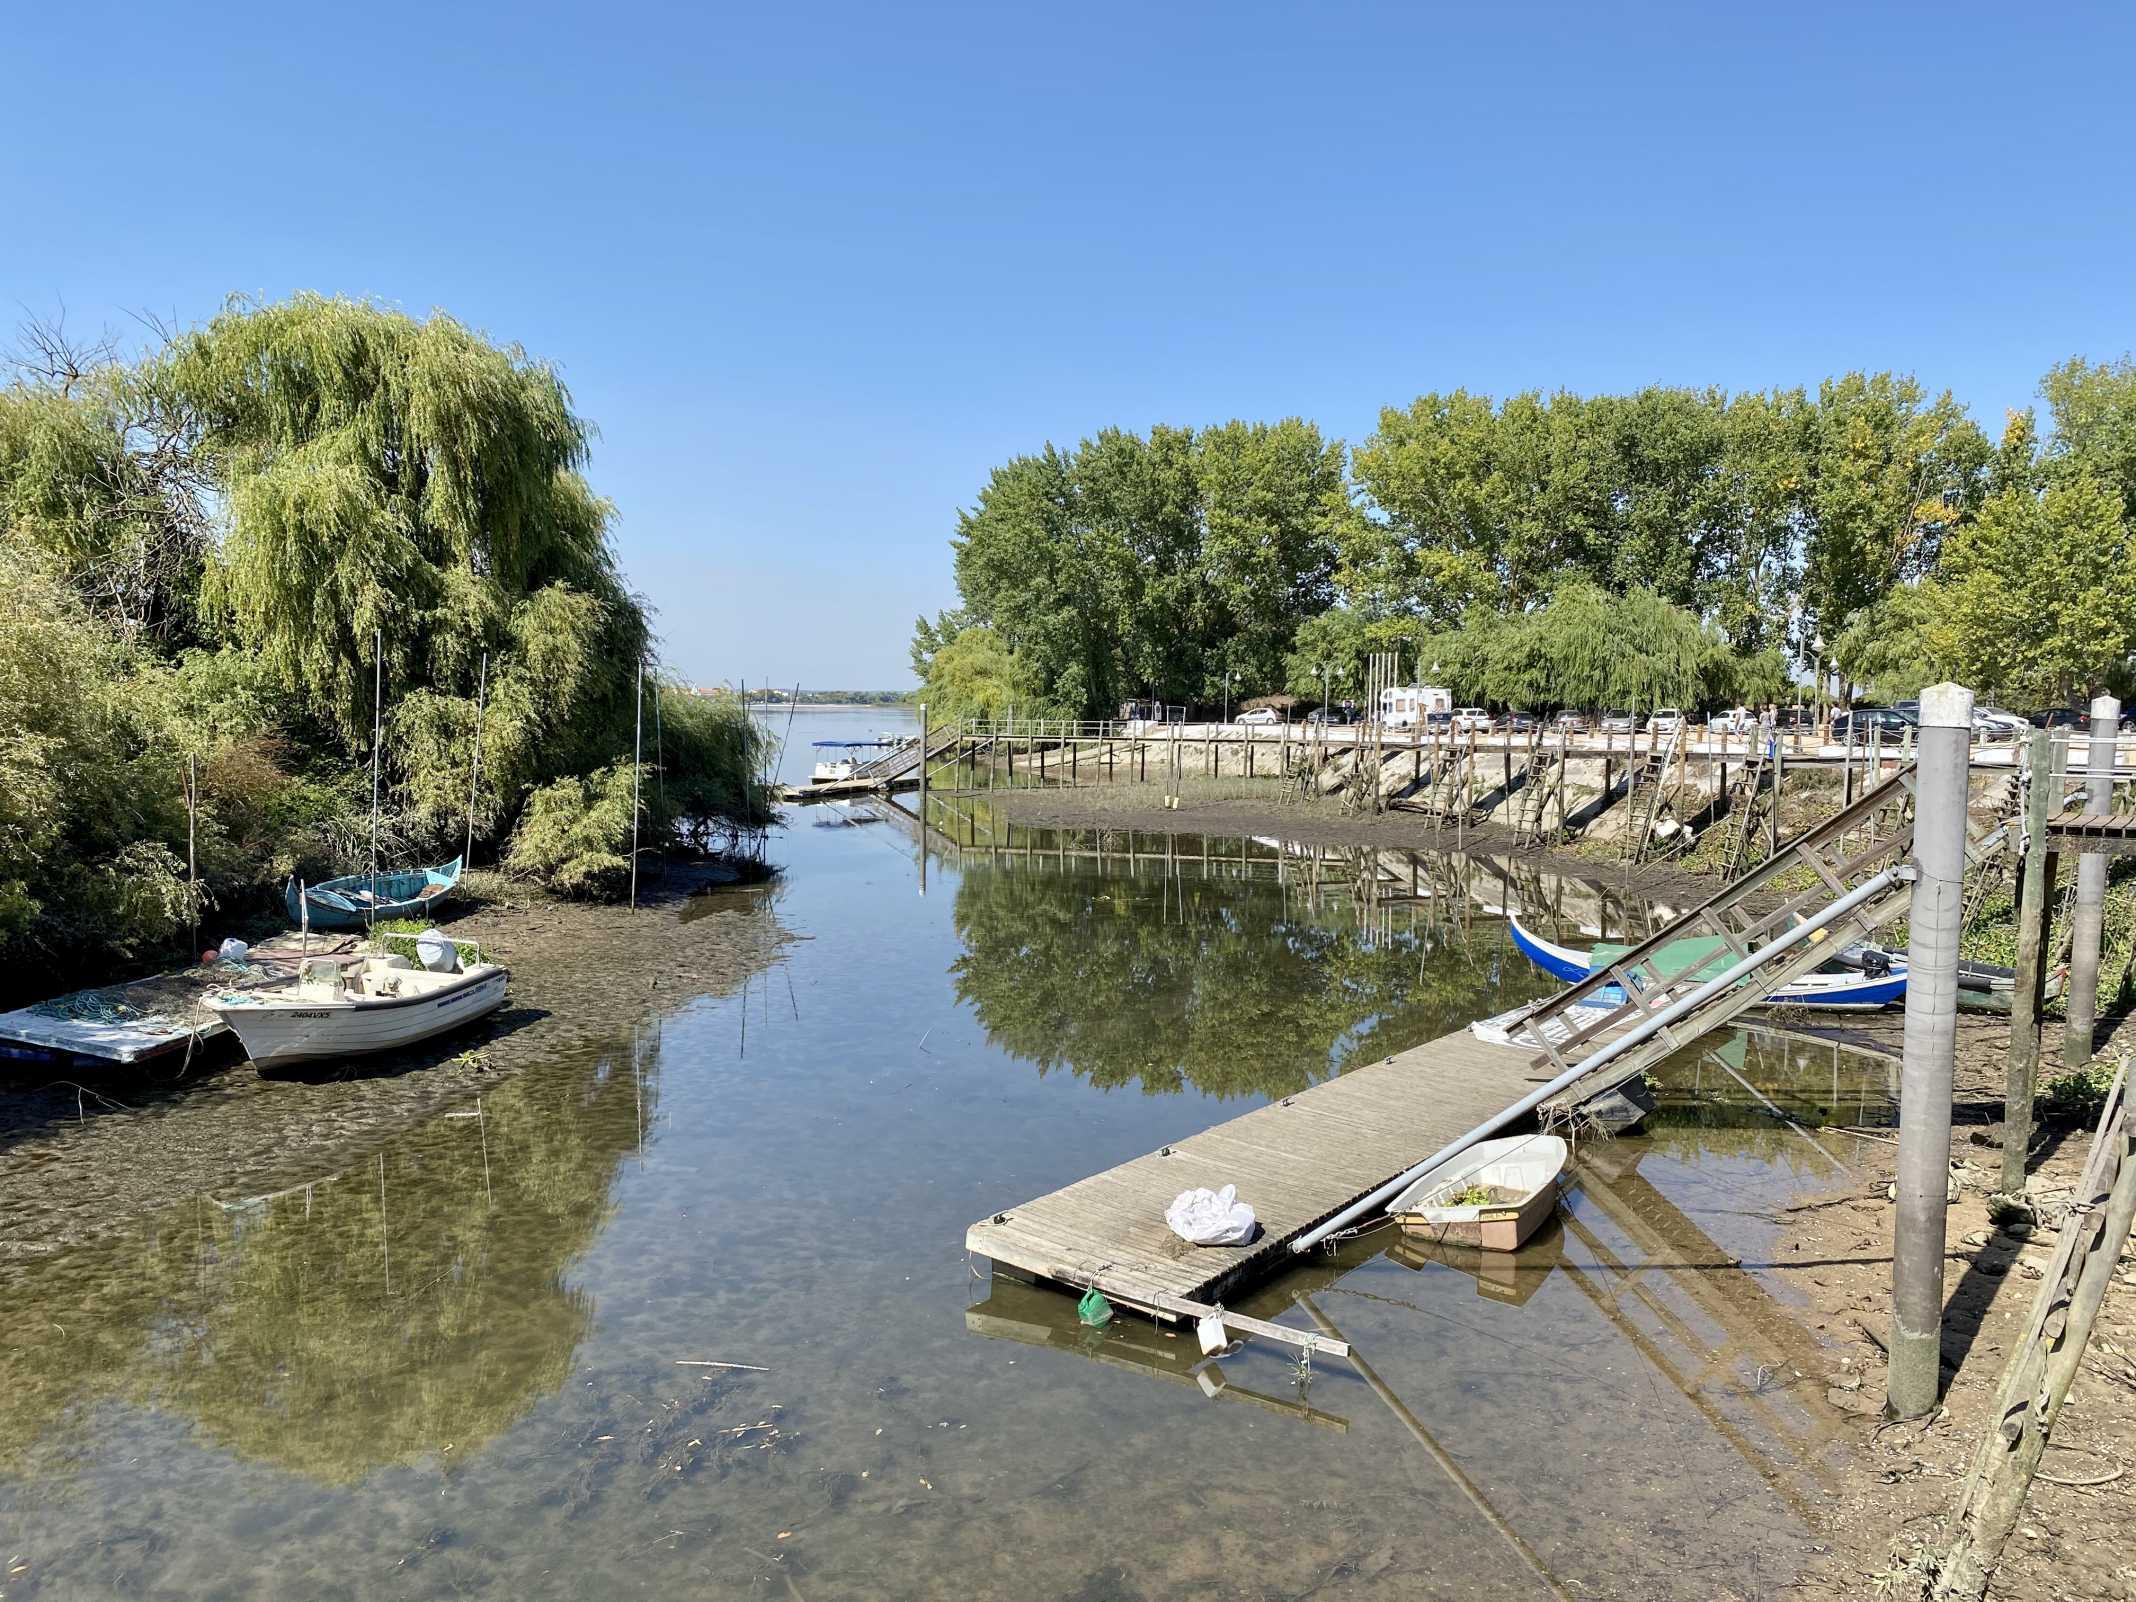 escaroupim vila de pescadores